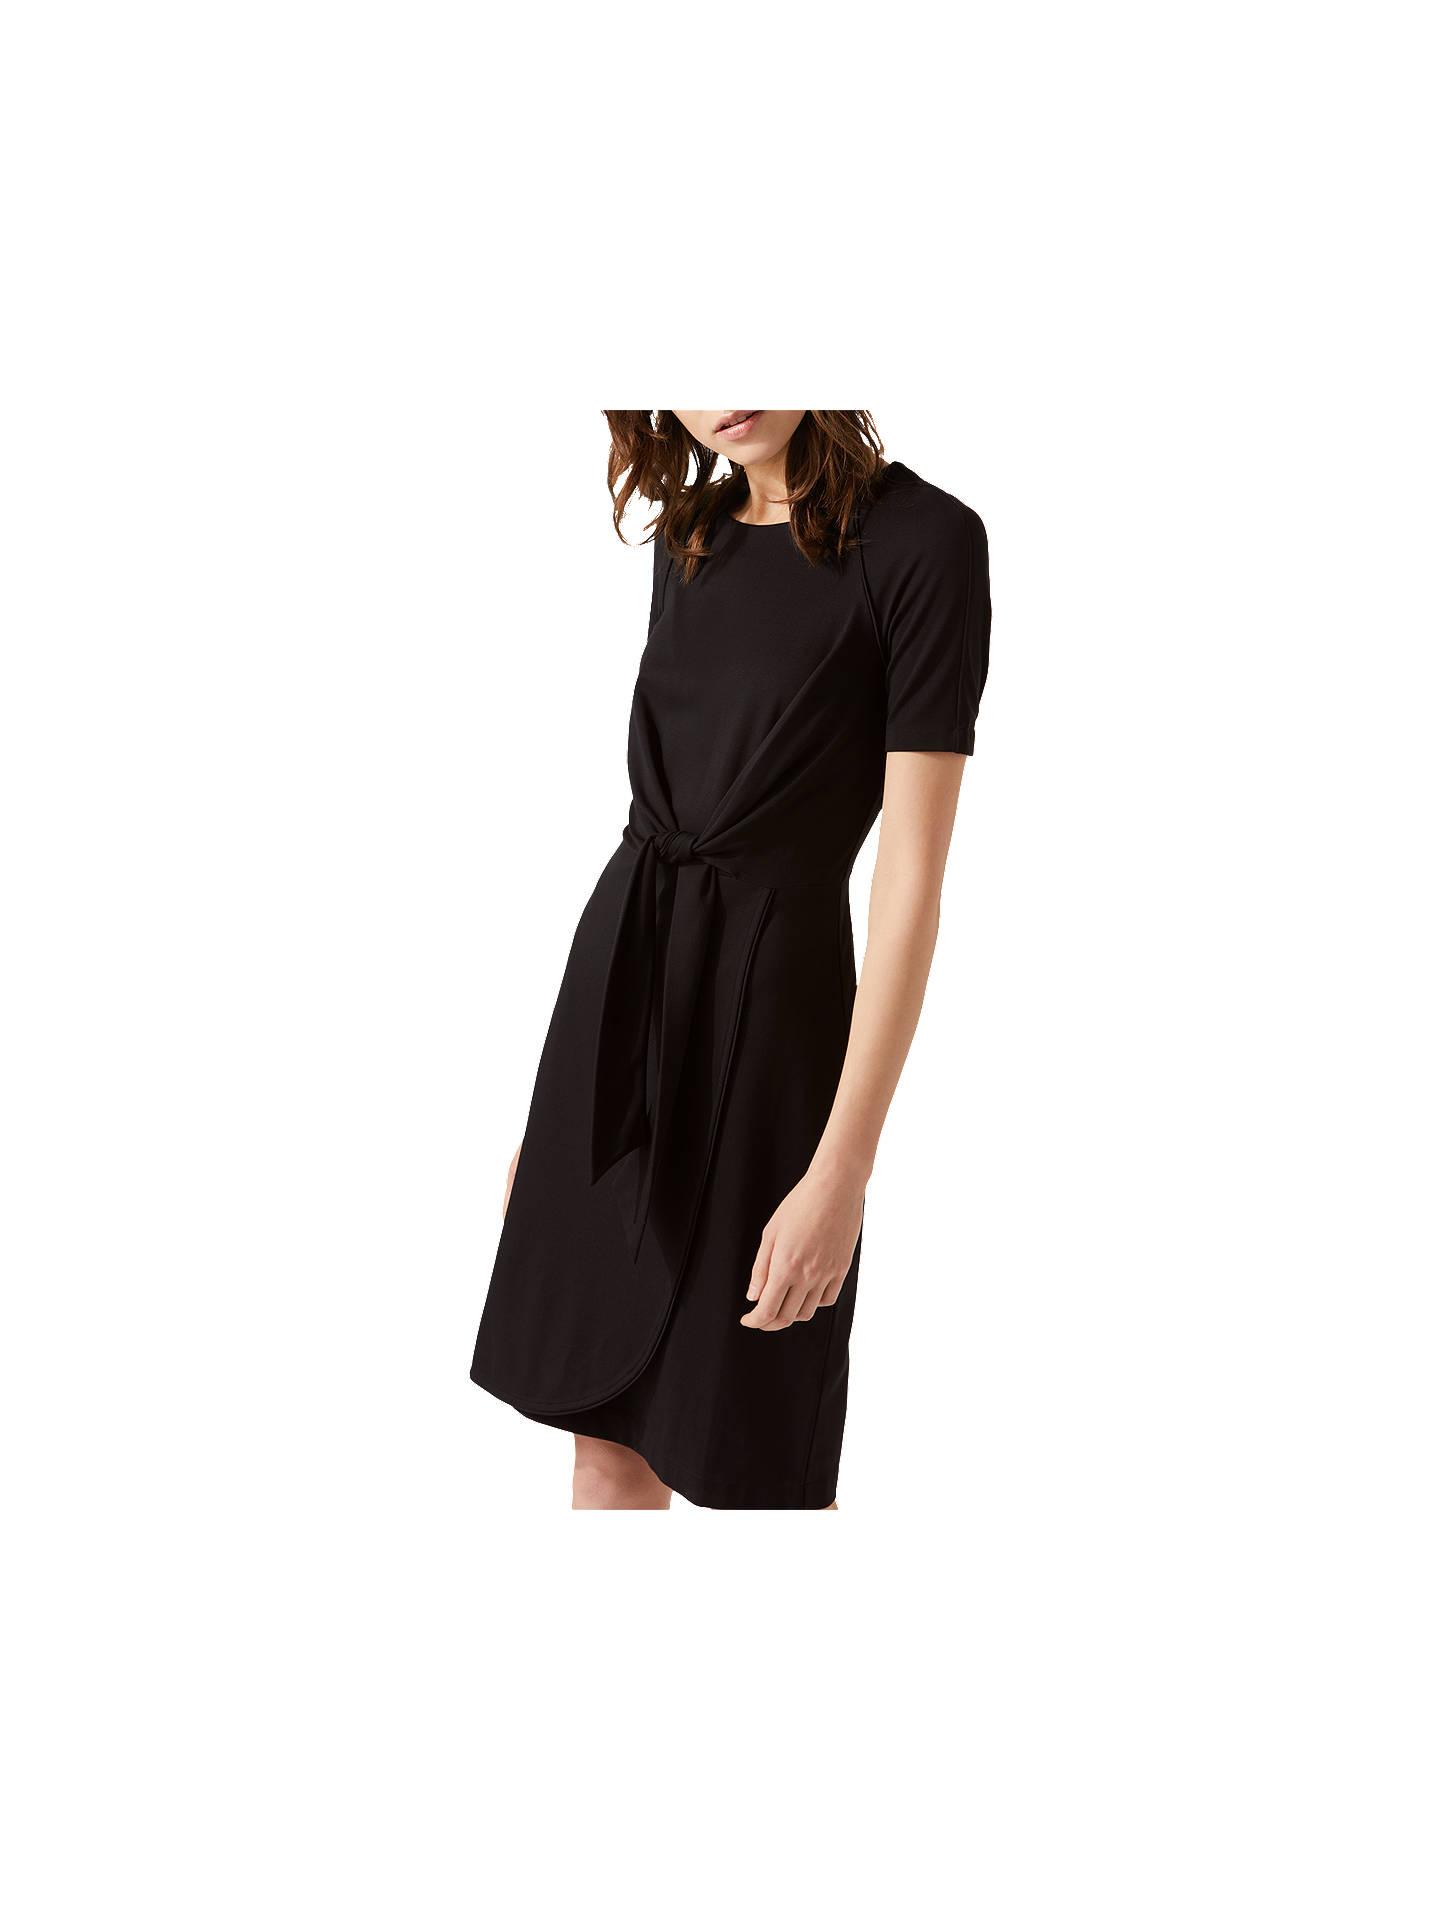 c1a05ee81b9 Buy Jigsaw Knot Waist Jersey Dress, Black, XS Online at johnlewis.com ...